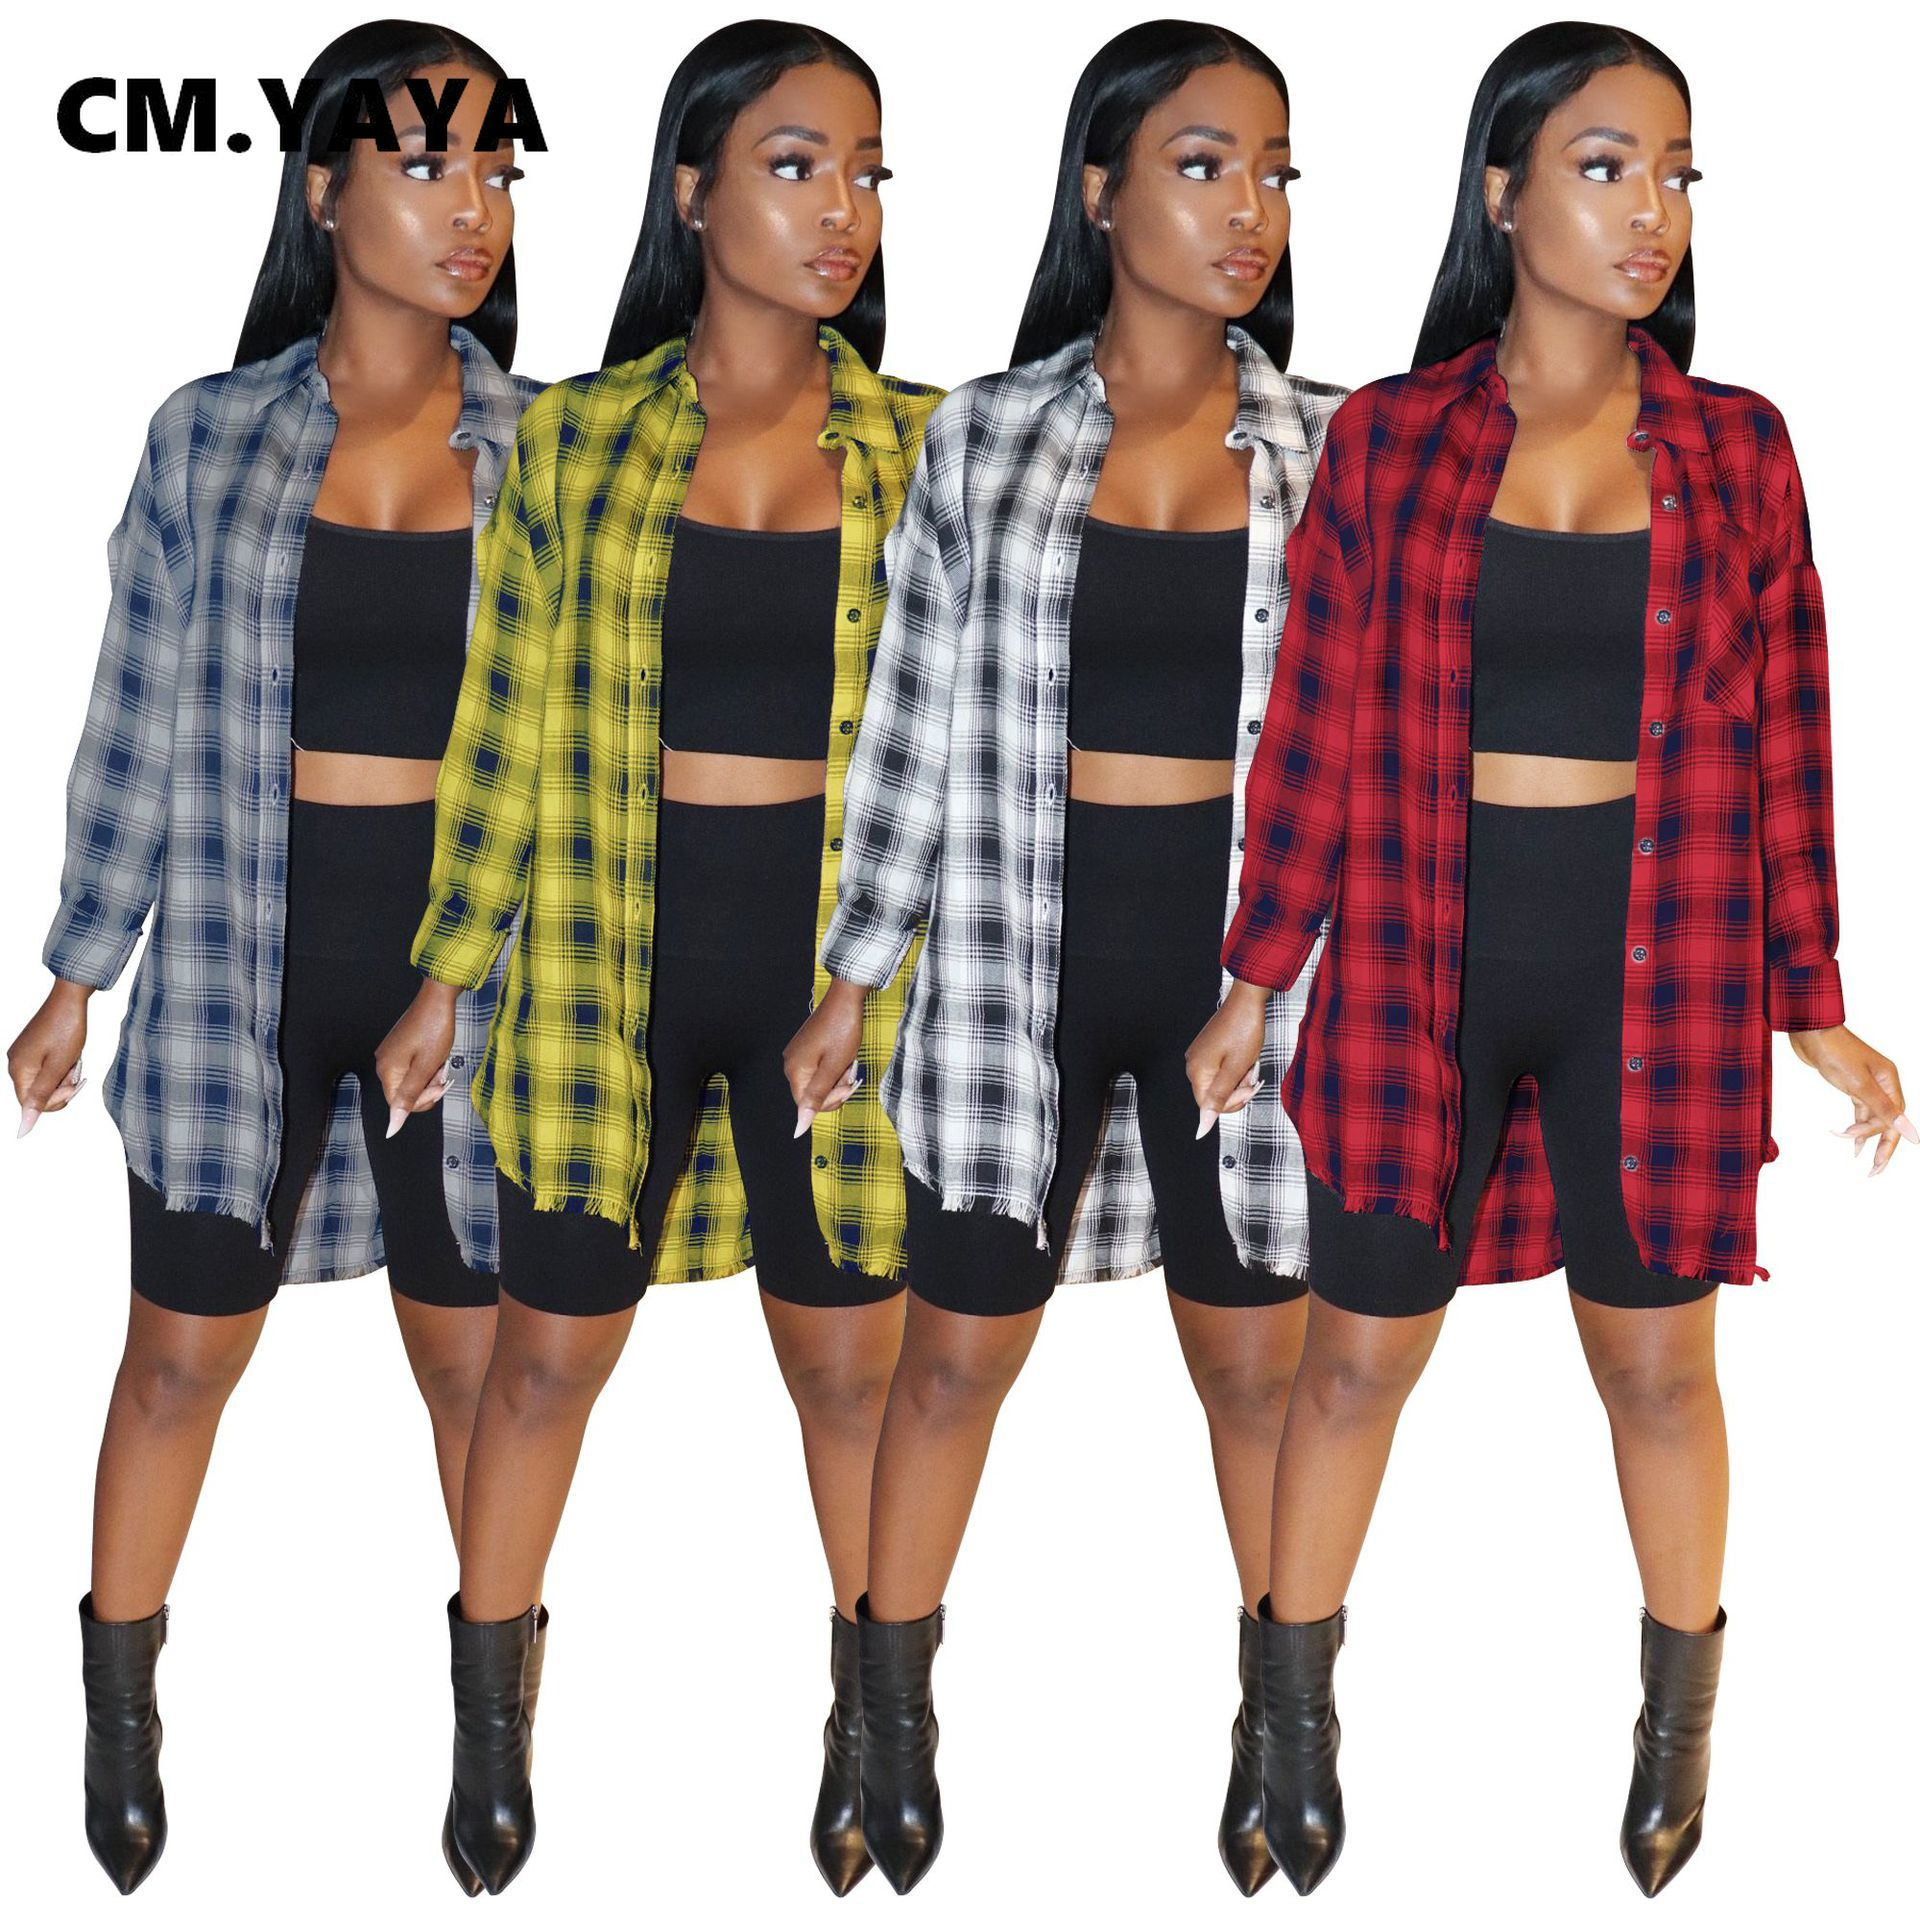 CM.YAYA-Blusa de manga larga abotonada a cuadros para mujer, camisas y blusas de gran tamaño con cuello vuelto, ropa de calle para invierno 2021